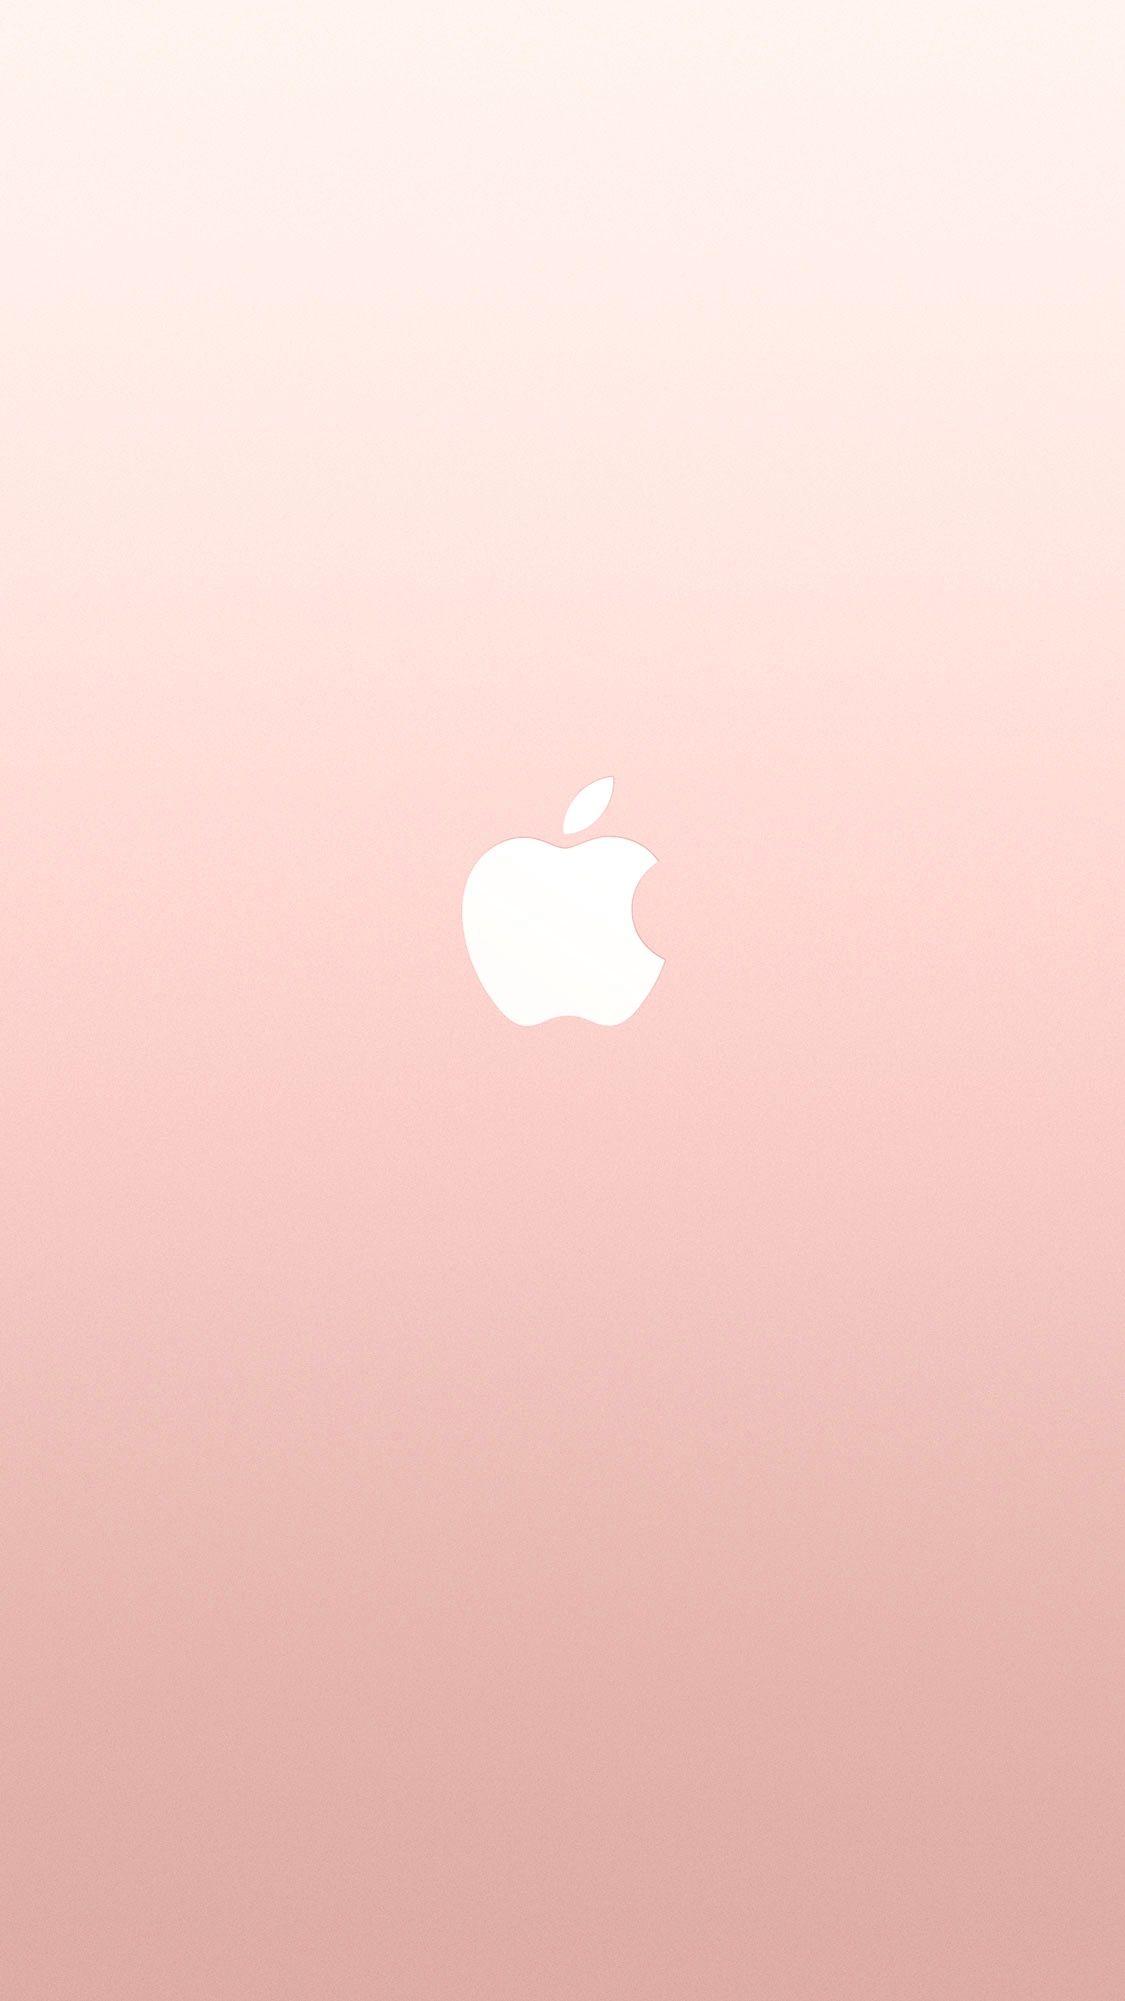 Apple Nuances De Couleur Rose Fond D Ecran Cellulaire 62 Inspirations De Fonds D Ecran P Fond D Ecran Telephone Fond D Ecran De Pomme Fond D Ecran Colore